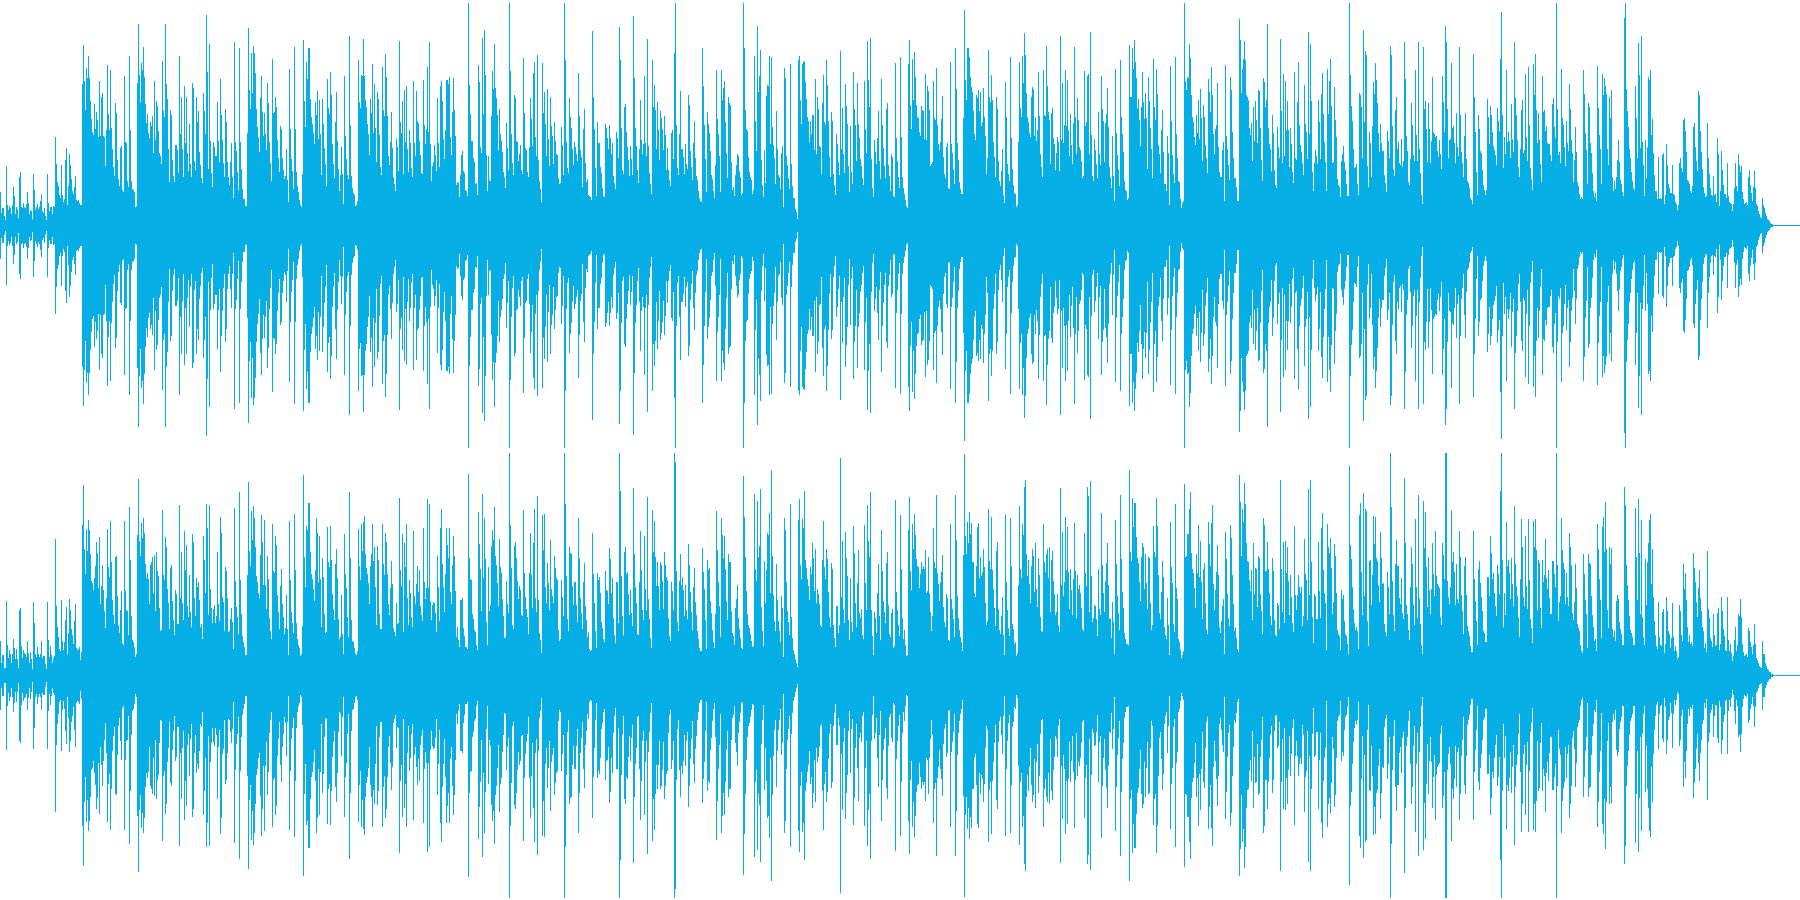 シャープで洗練されたジャズの再生済みの波形